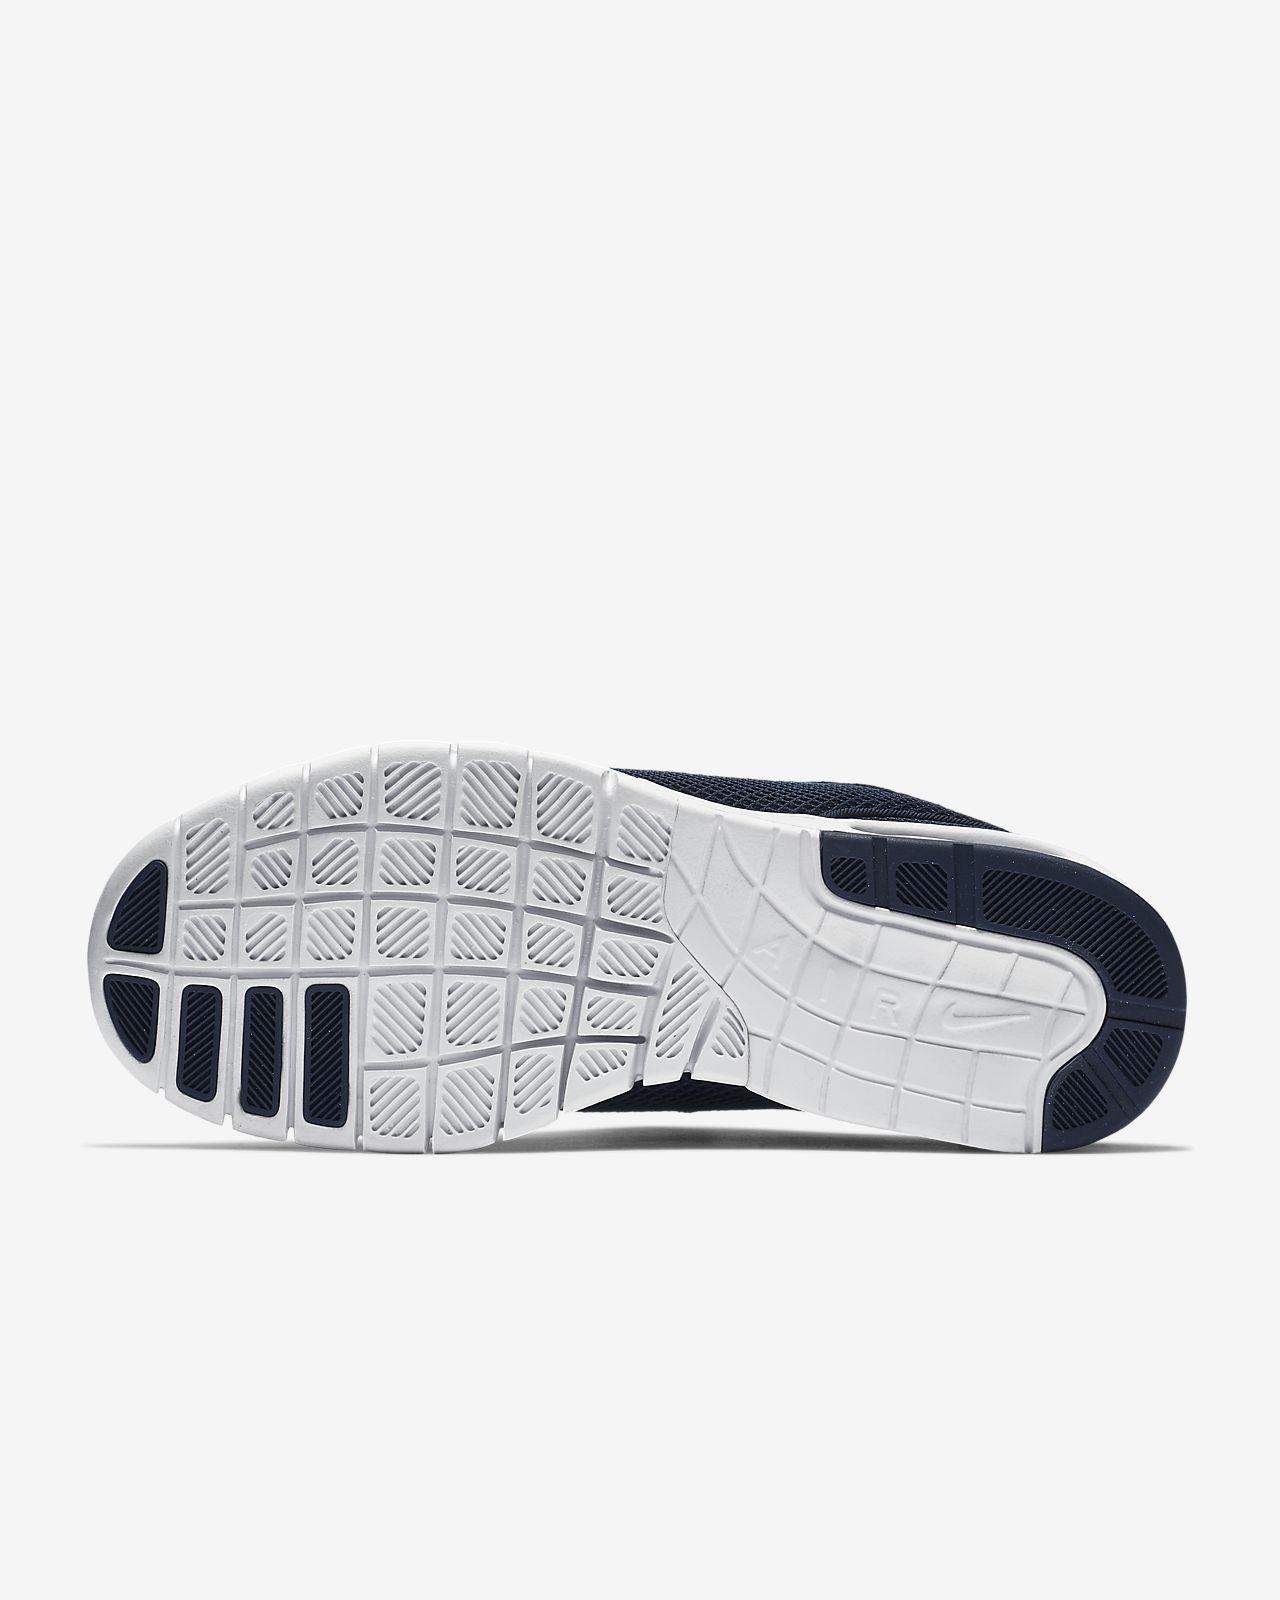 291a86e44c6c Nike SB Stefan Janoski Max Skate Shoe. Nike.com